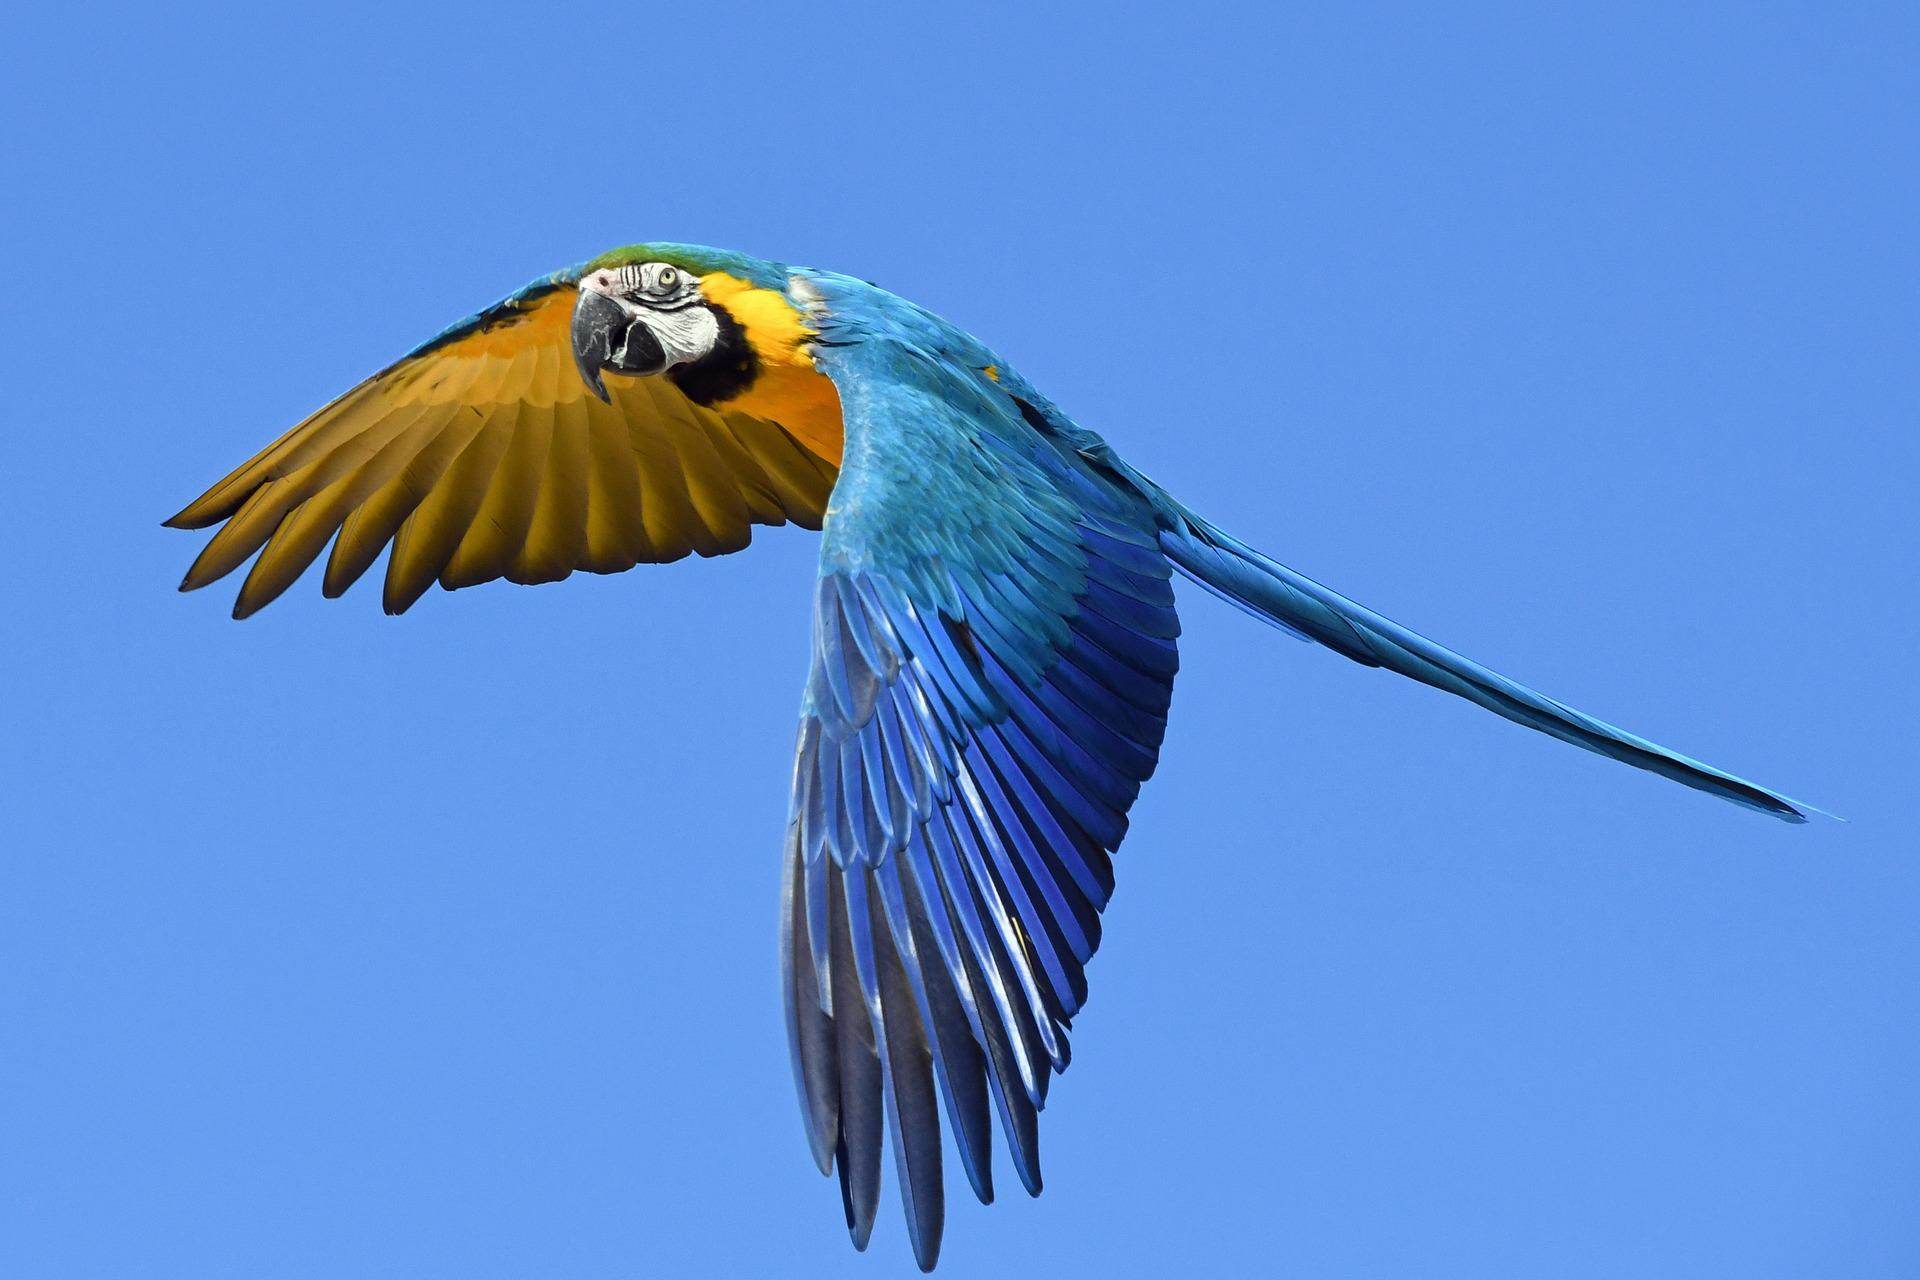 parrot 2796766 1920 - Guacamayas que adornan el cielo de Caracas